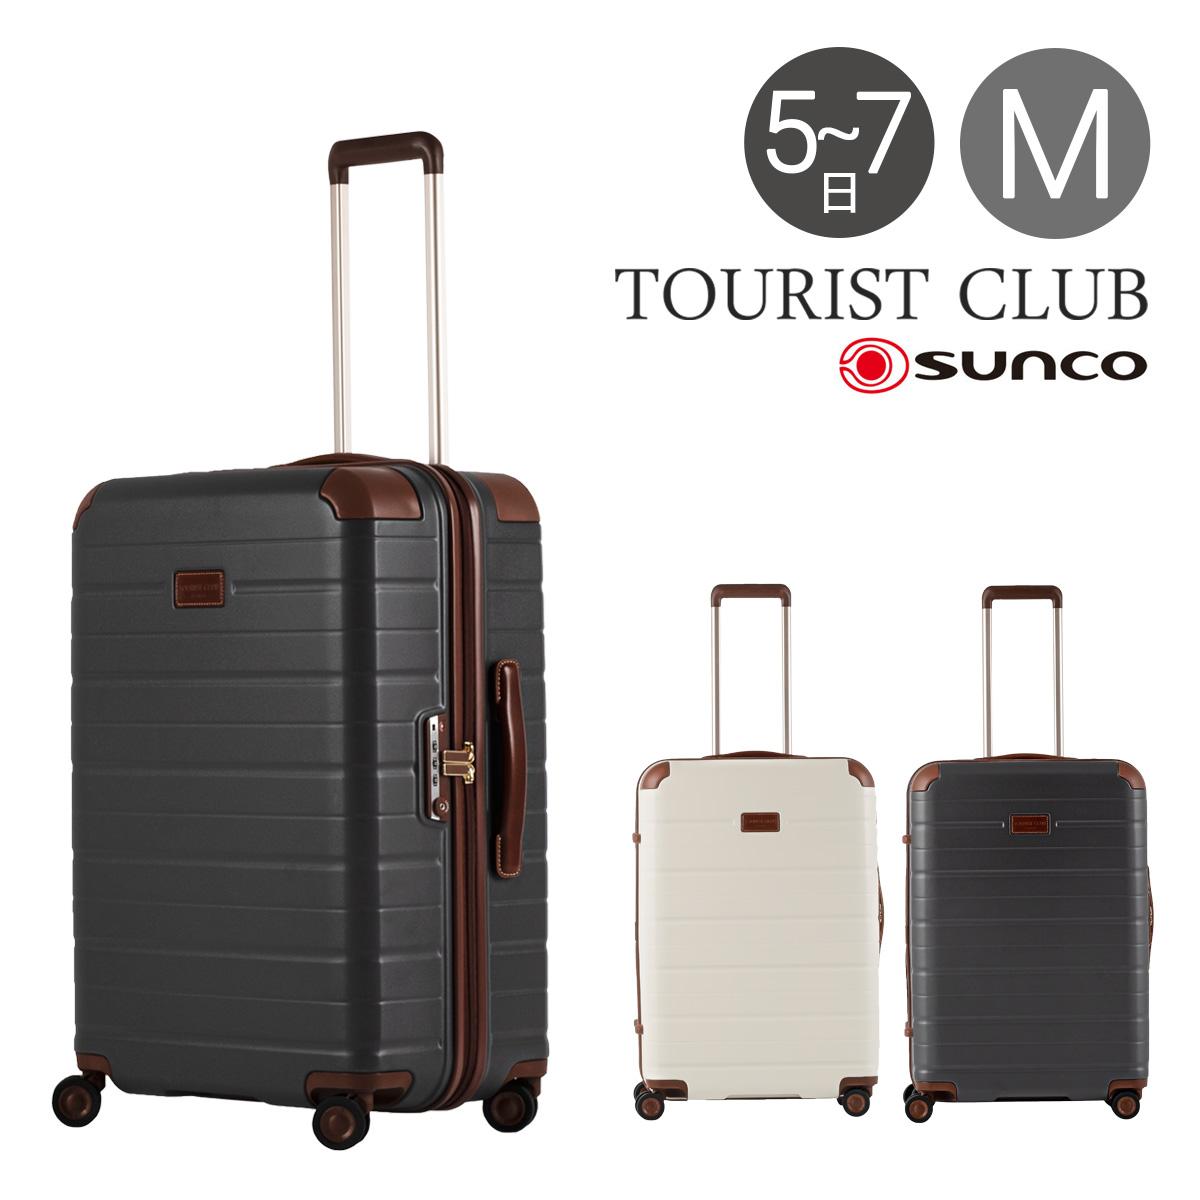 サンコー スーツケース 66L 63cm 4.4kg TC04-63 軽量 ハード ファスナー SUNCO 静音 TSAロック搭載 HINOMOTO キャリーバッグ キャリーケース[PO10][bef][即日発送]